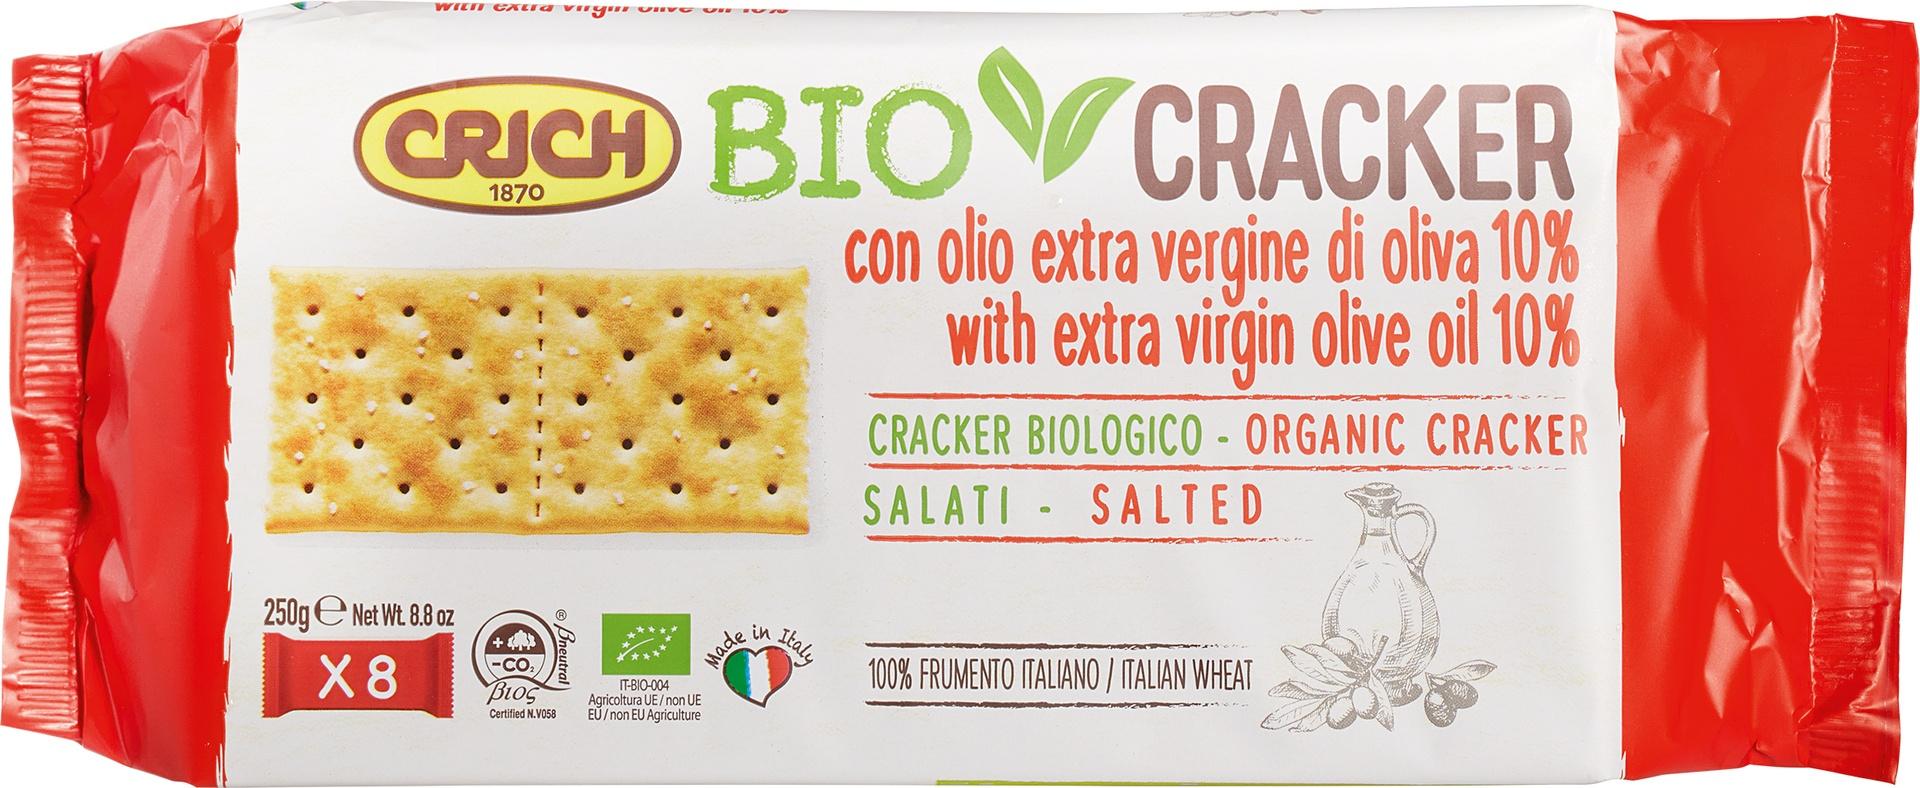 Biologische Crich BioCracker extra vergine olijfolie gez. 250 gr